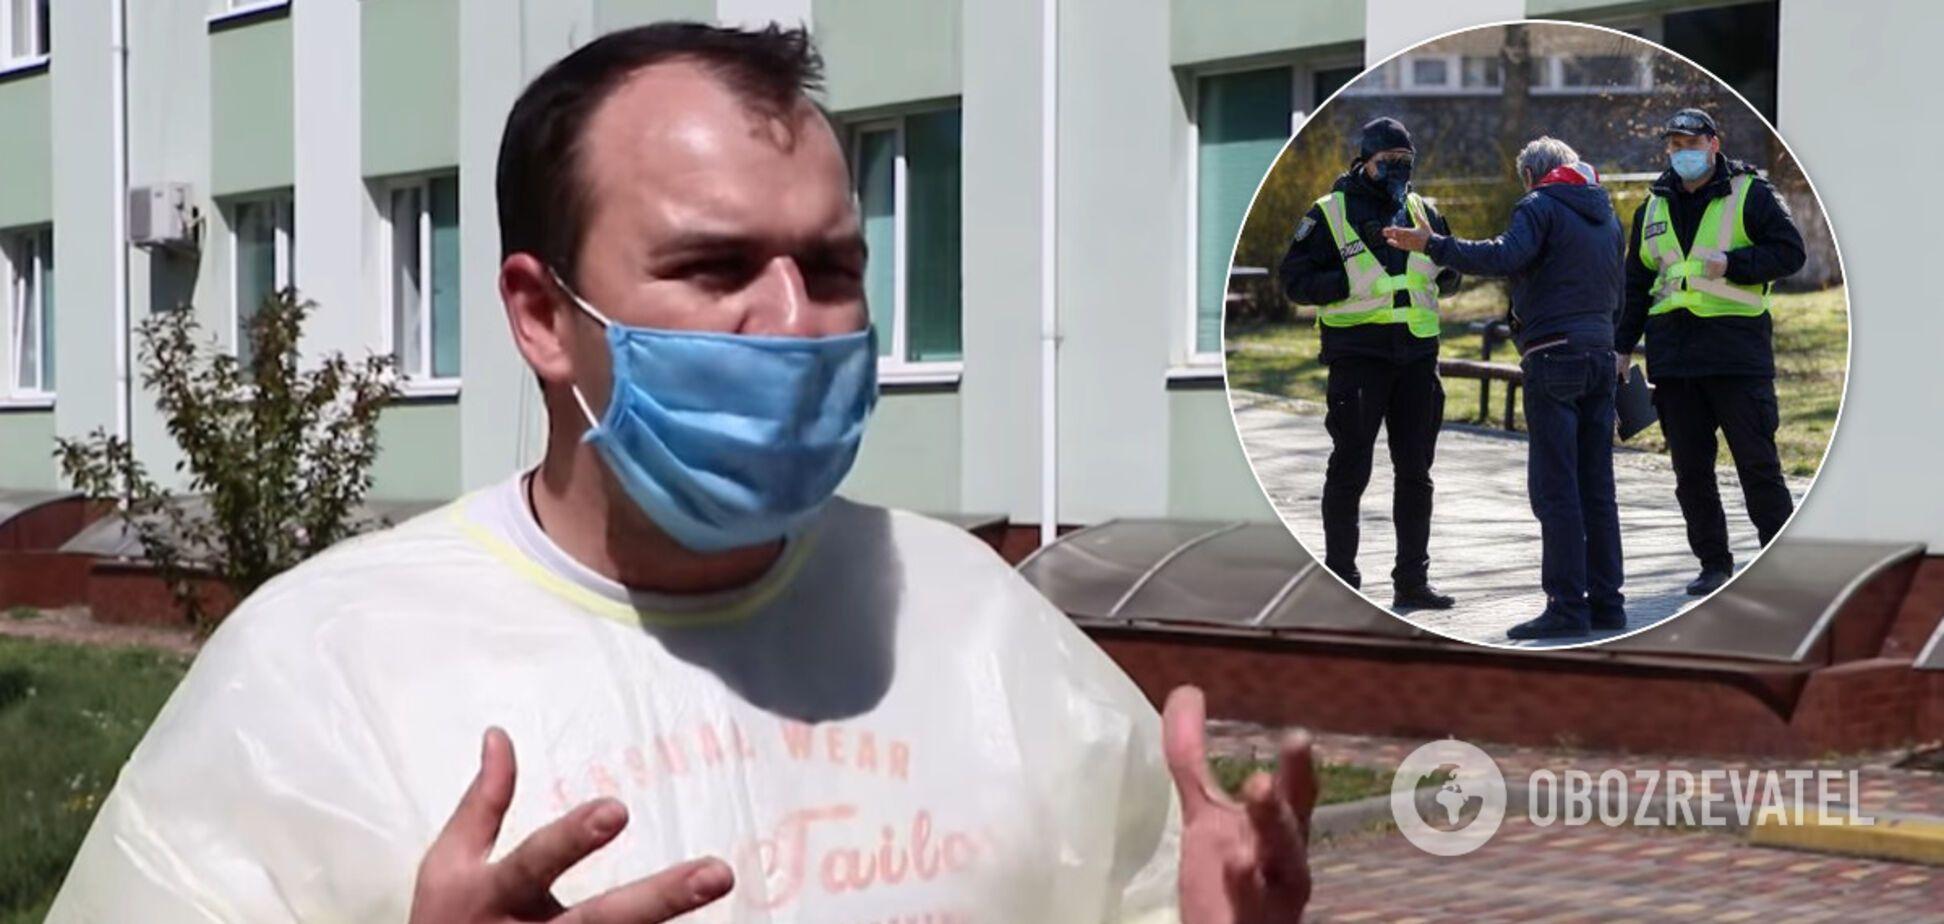 Украинский медик жестко высказался о нарушителях карантина